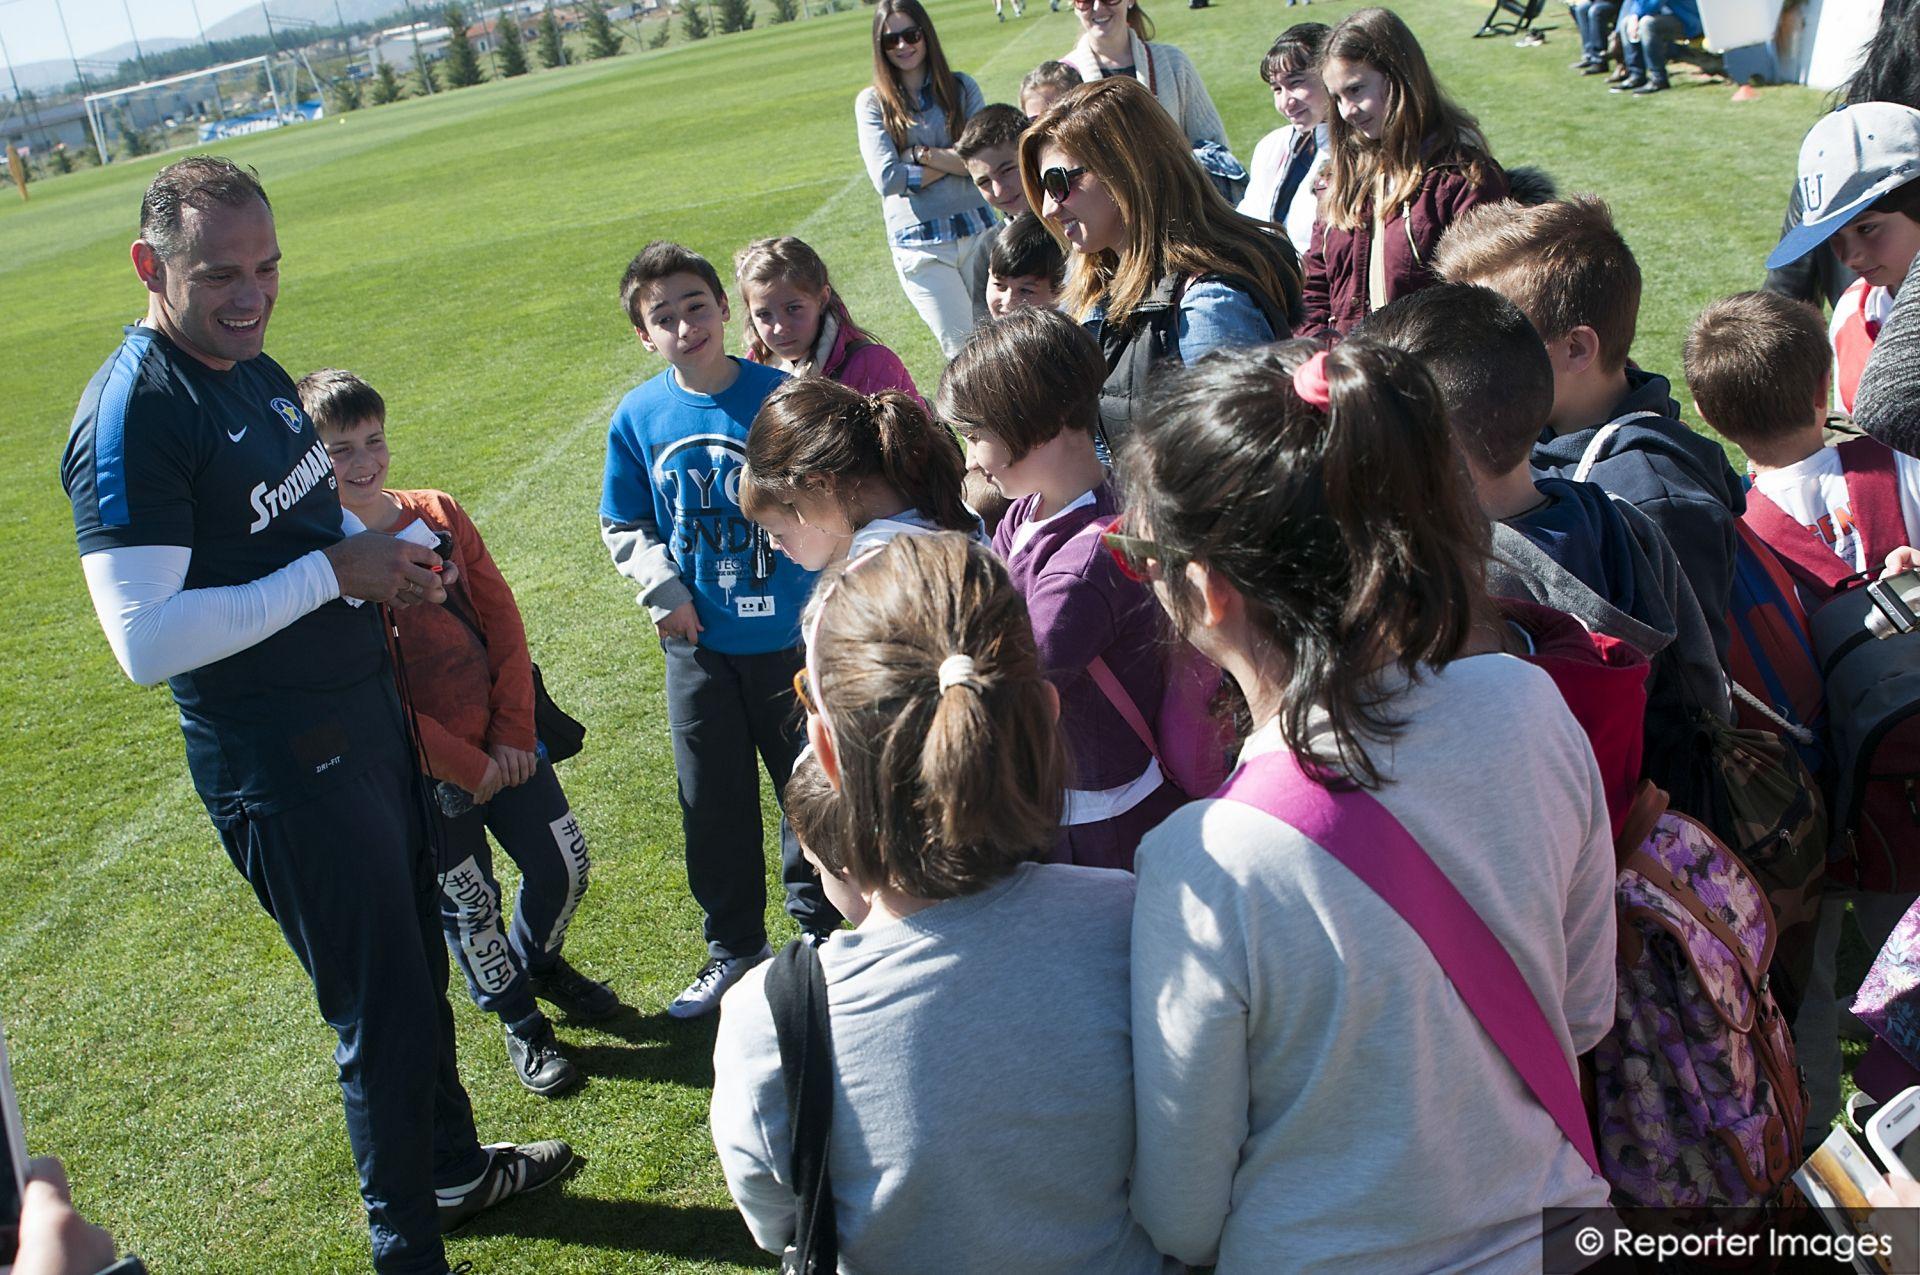 """Μαθητές από την Κοντοβάζαινα στο """"Θεόδωρος Κολοκοτρώνης""""! (video, photos)"""